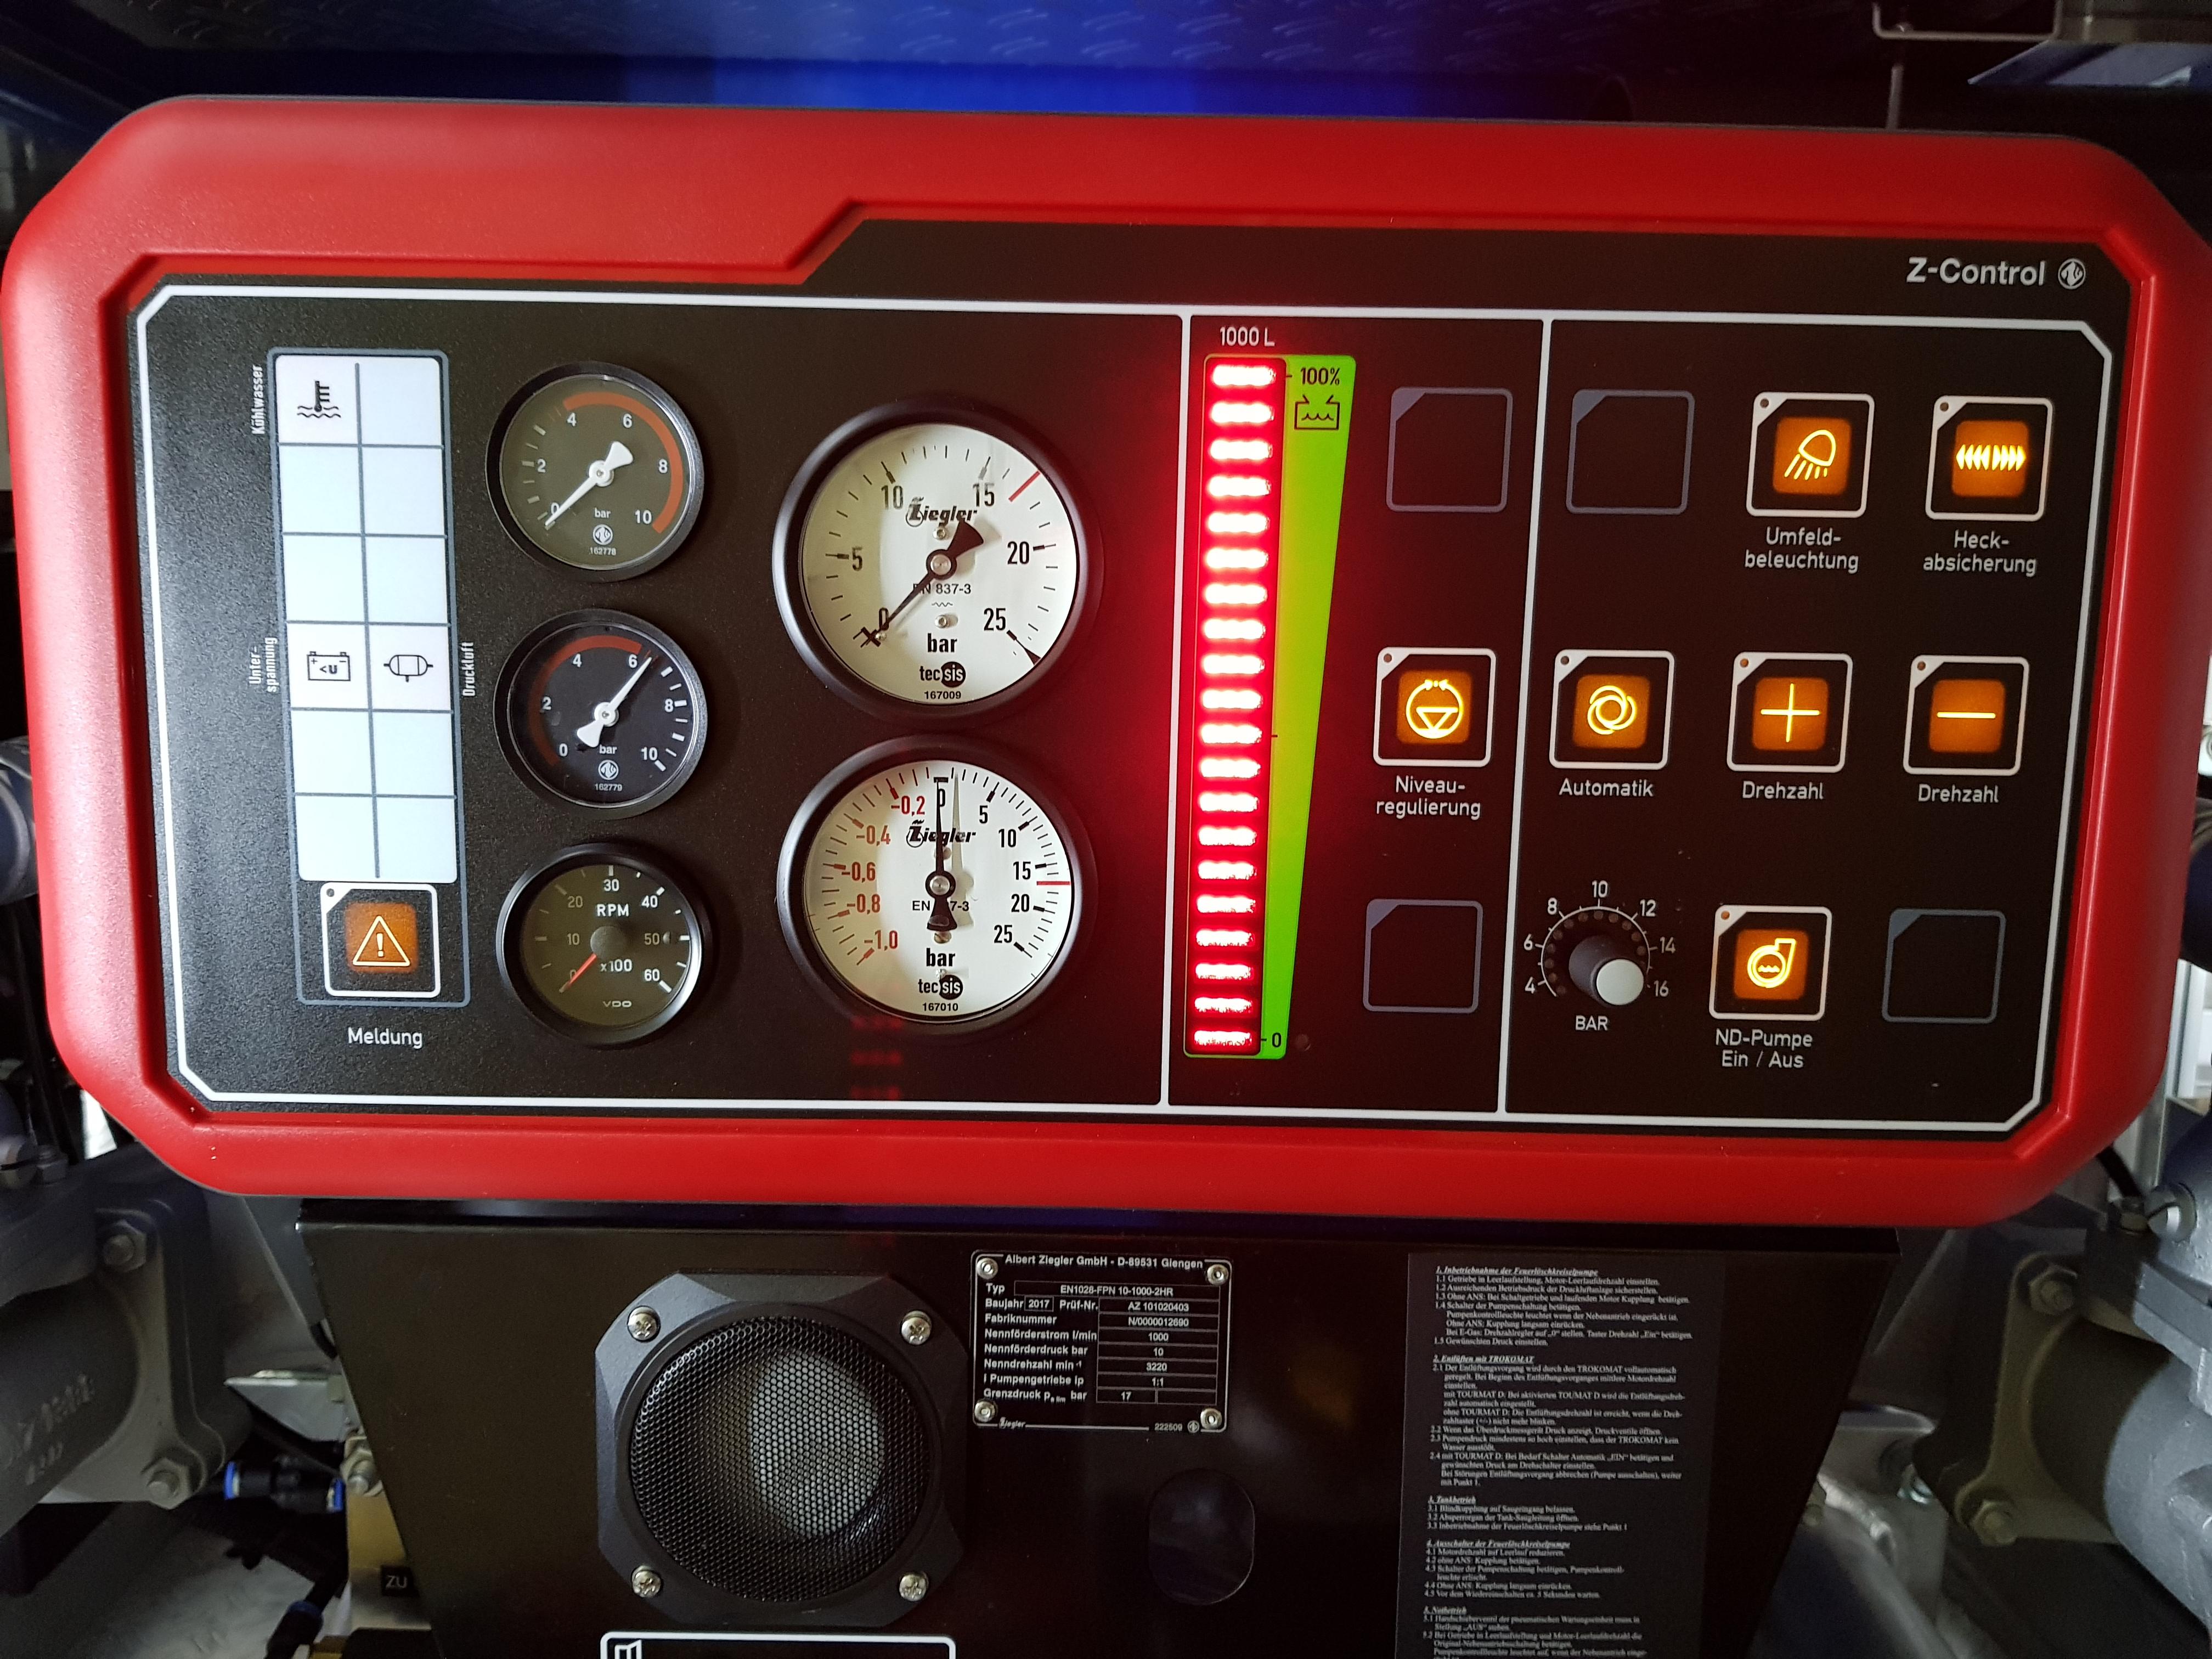 Ziegler Z-Control